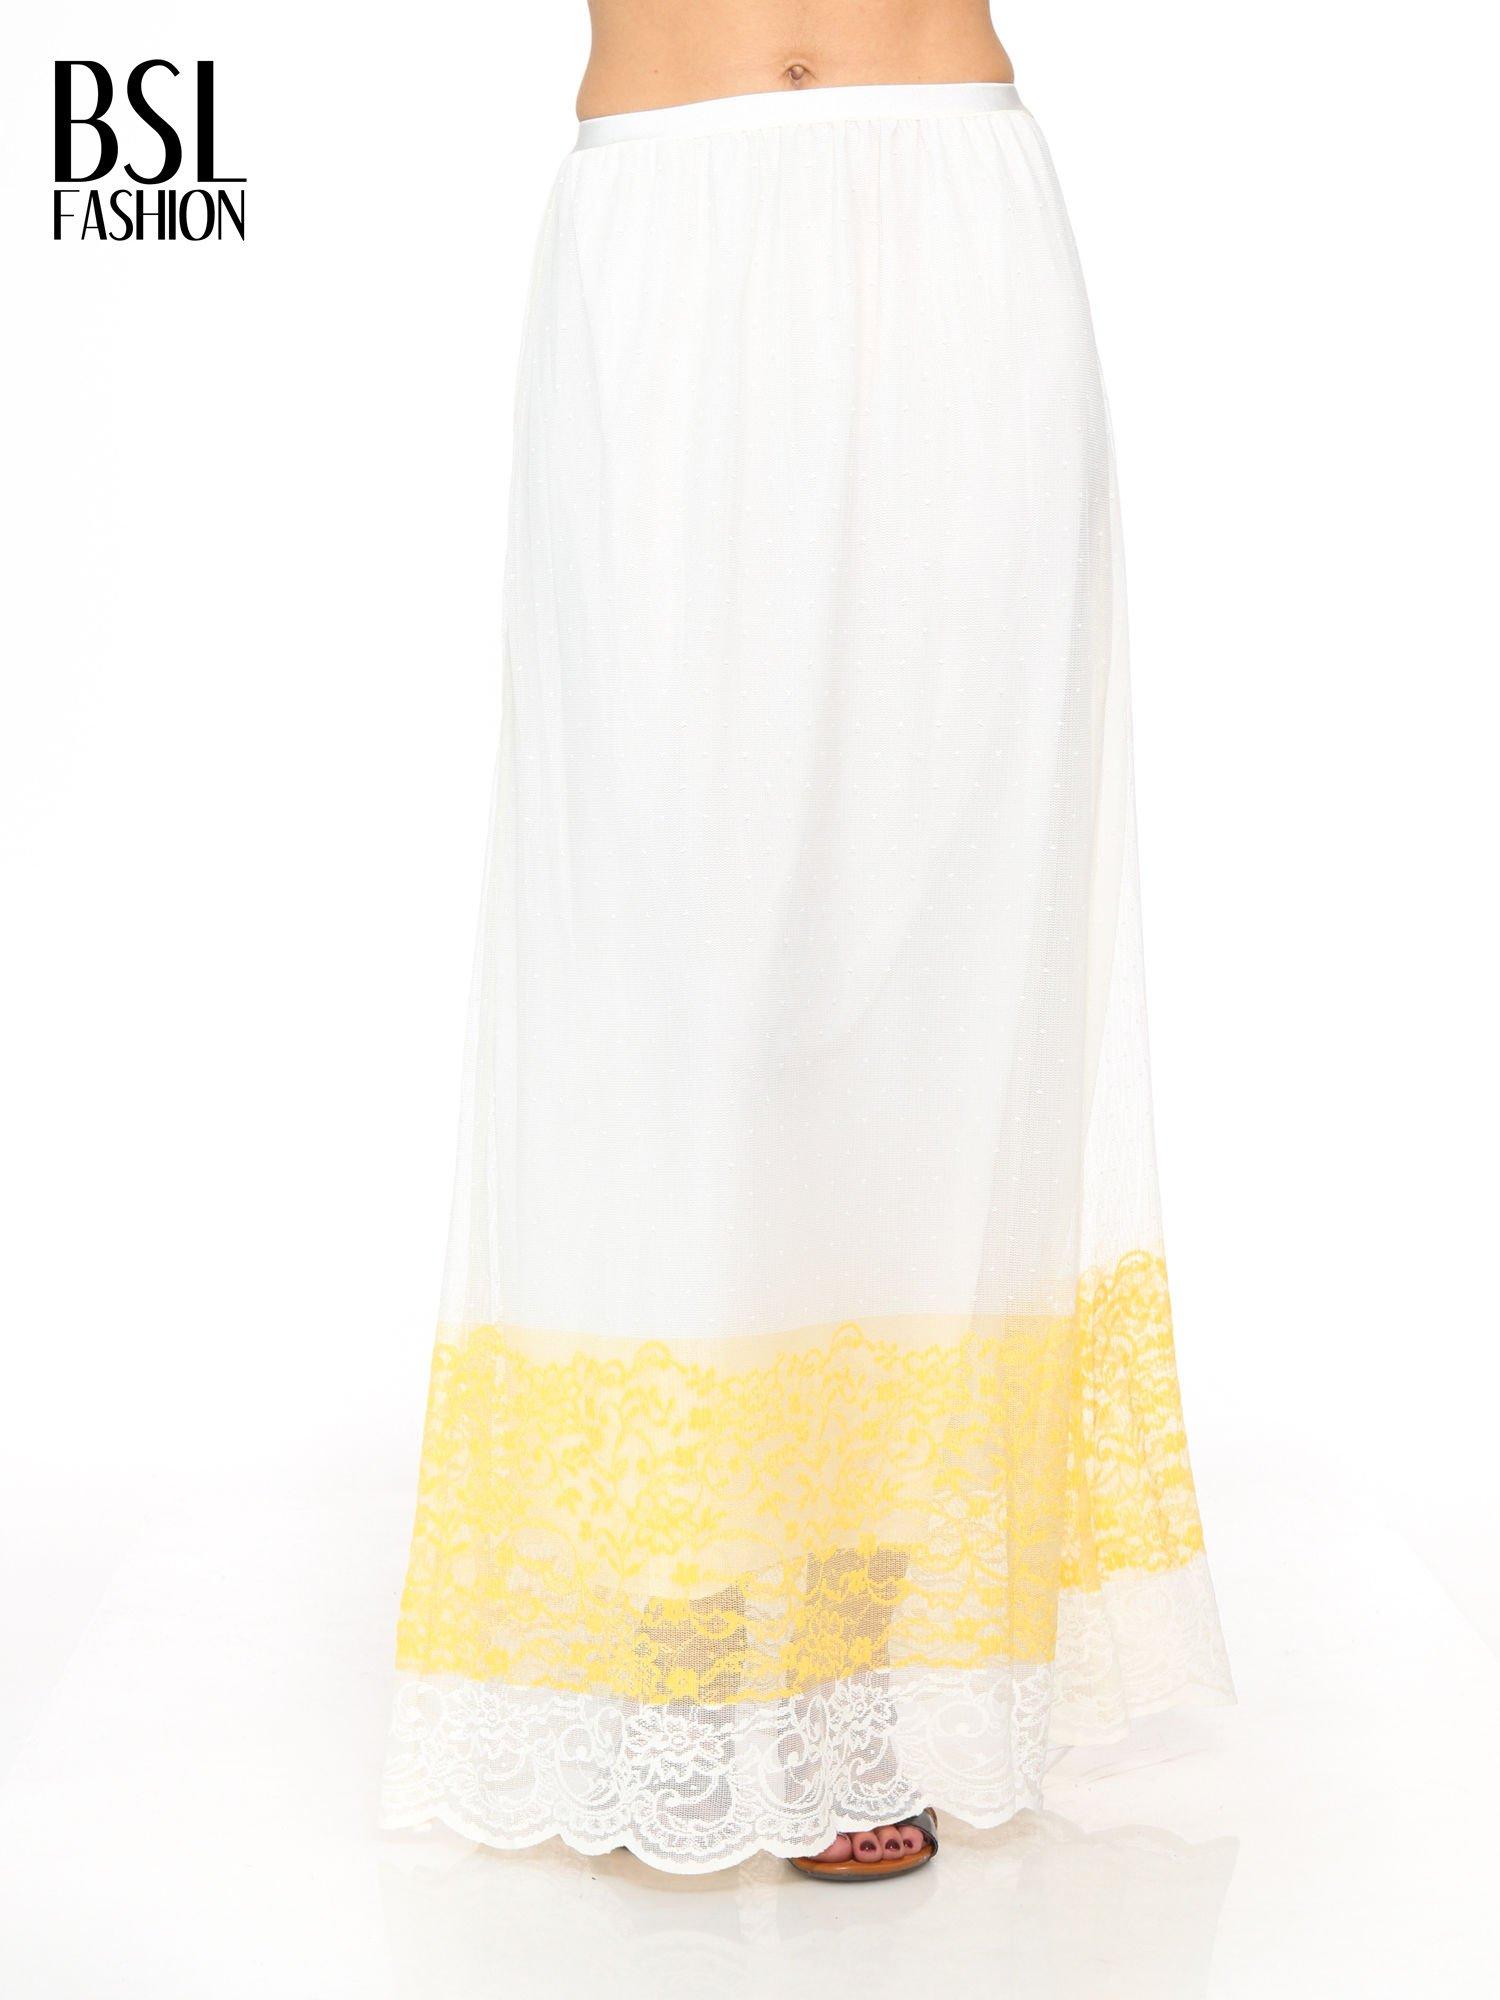 Biała ażurowa spódnica z żółtym pasem                                  zdj.                                  1